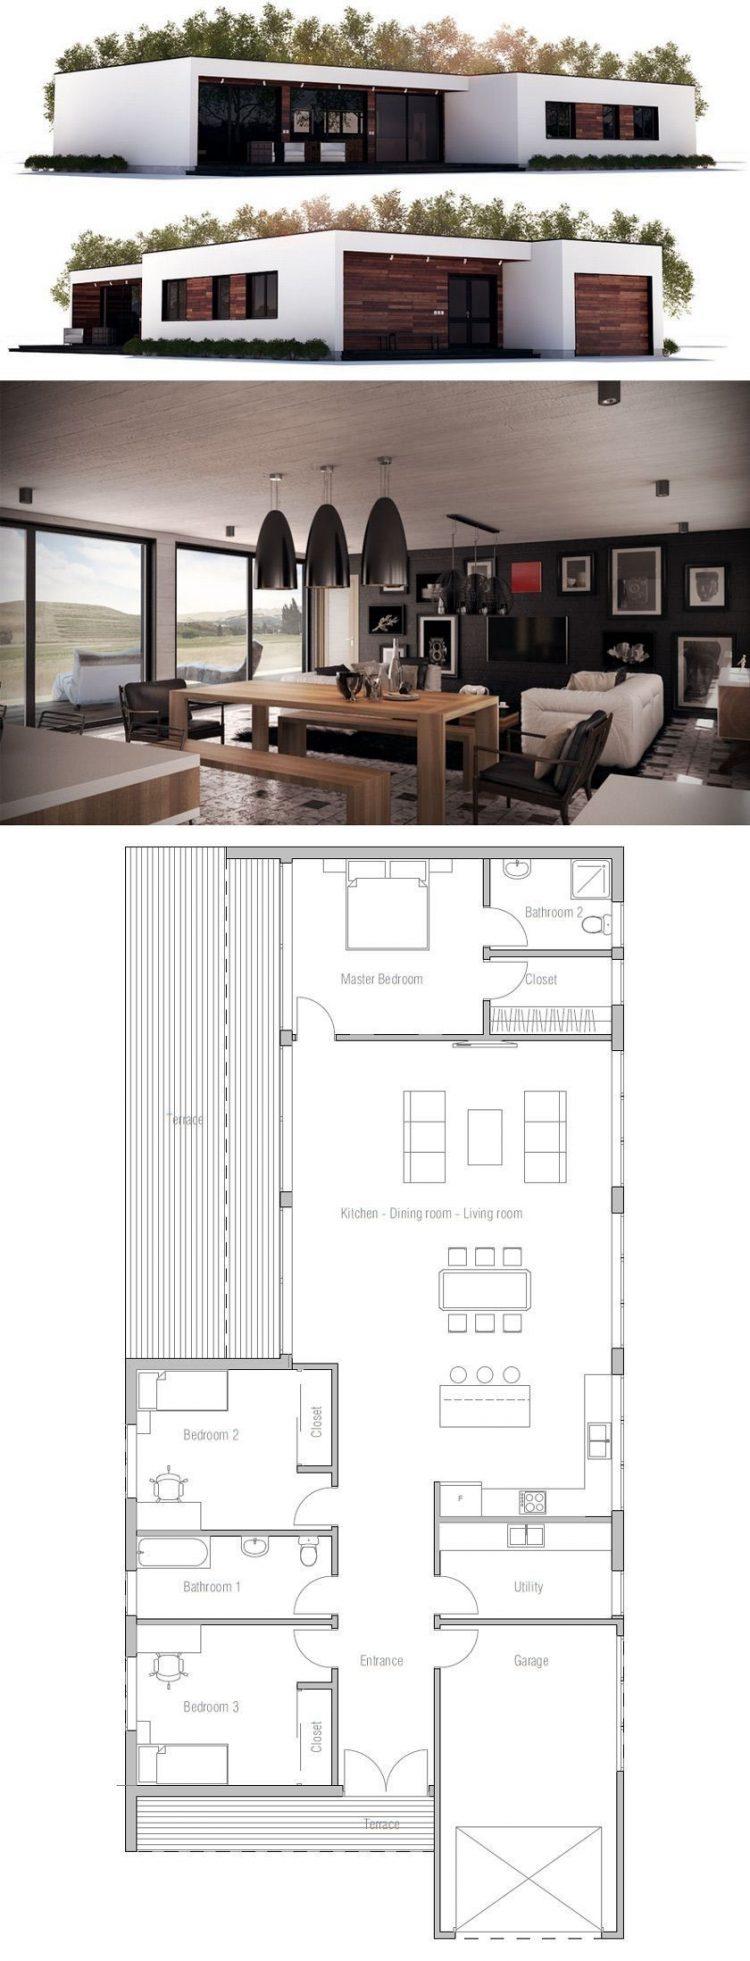 60 Desain Dan Denah Rumah Minimalis Sederhana Modern